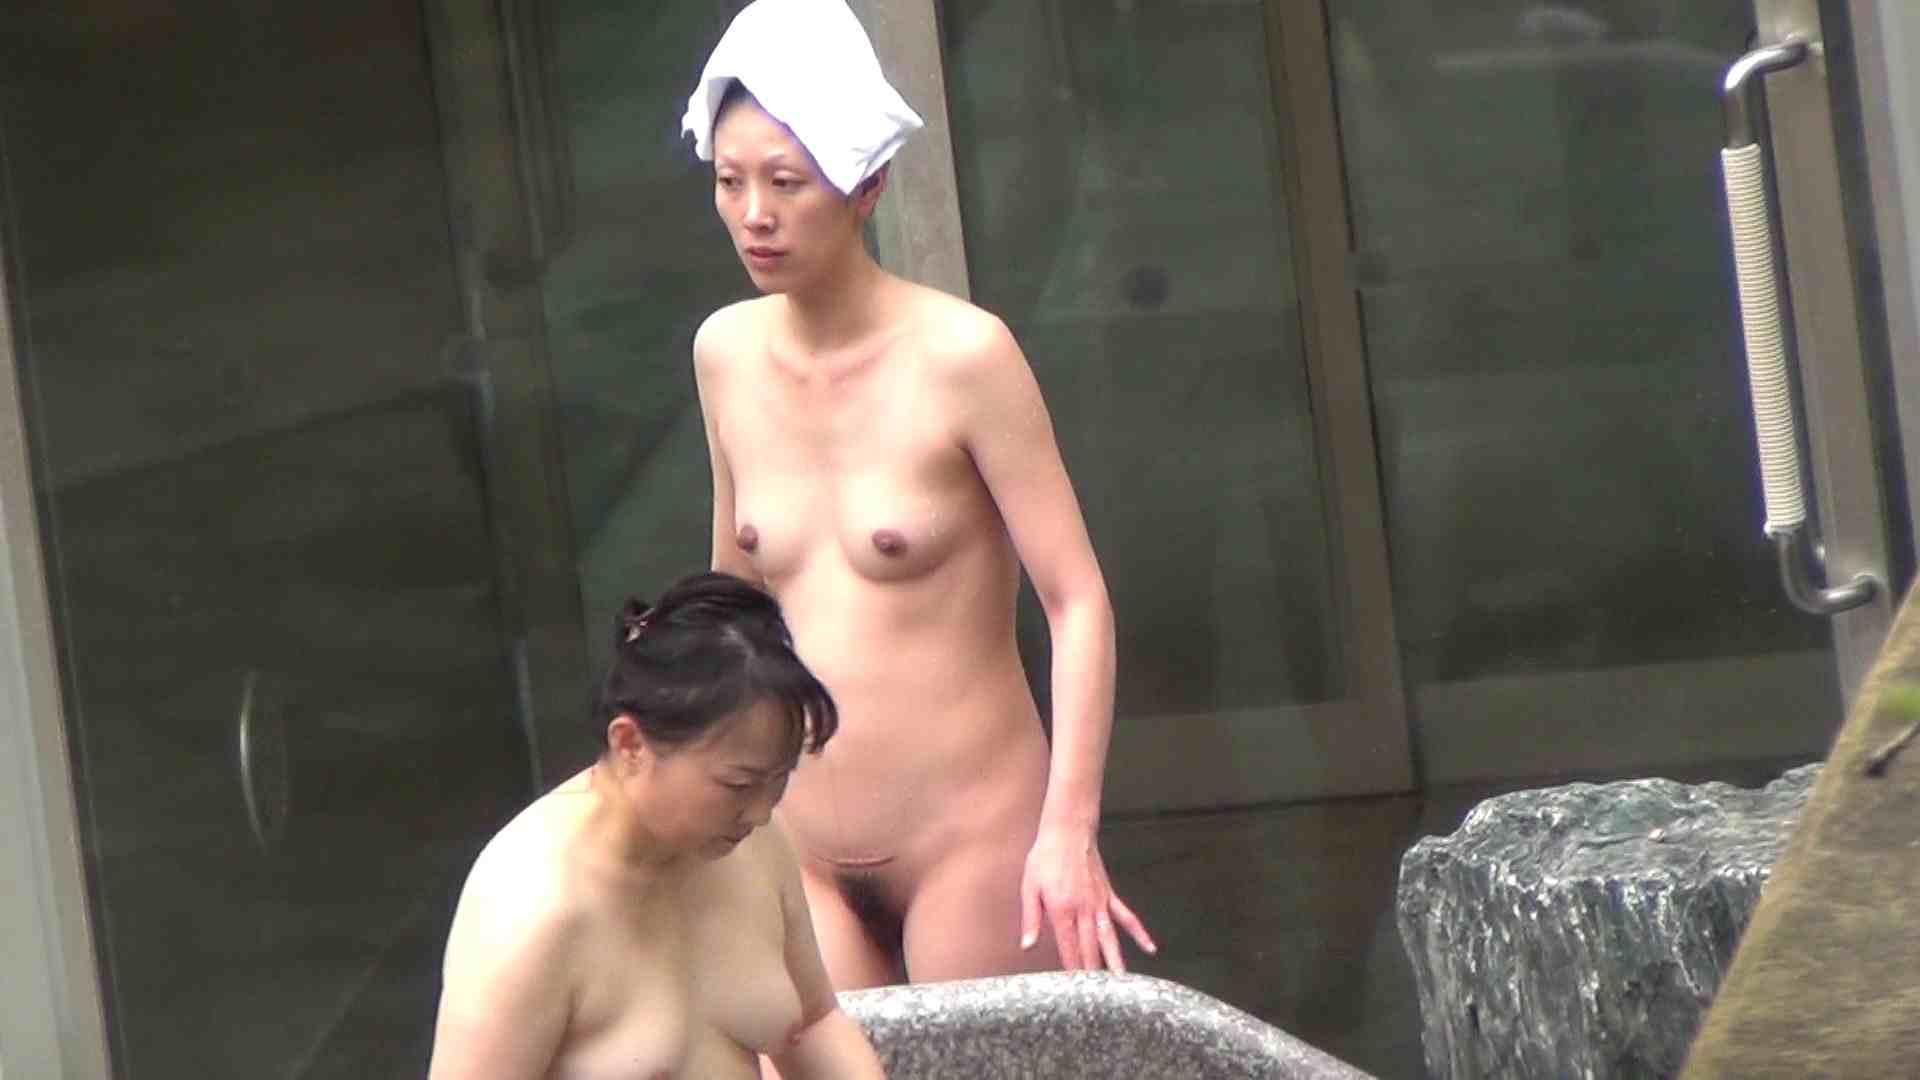 ハイビジョンVol.11 美女盛り合わせ No.5 美女  97画像 82